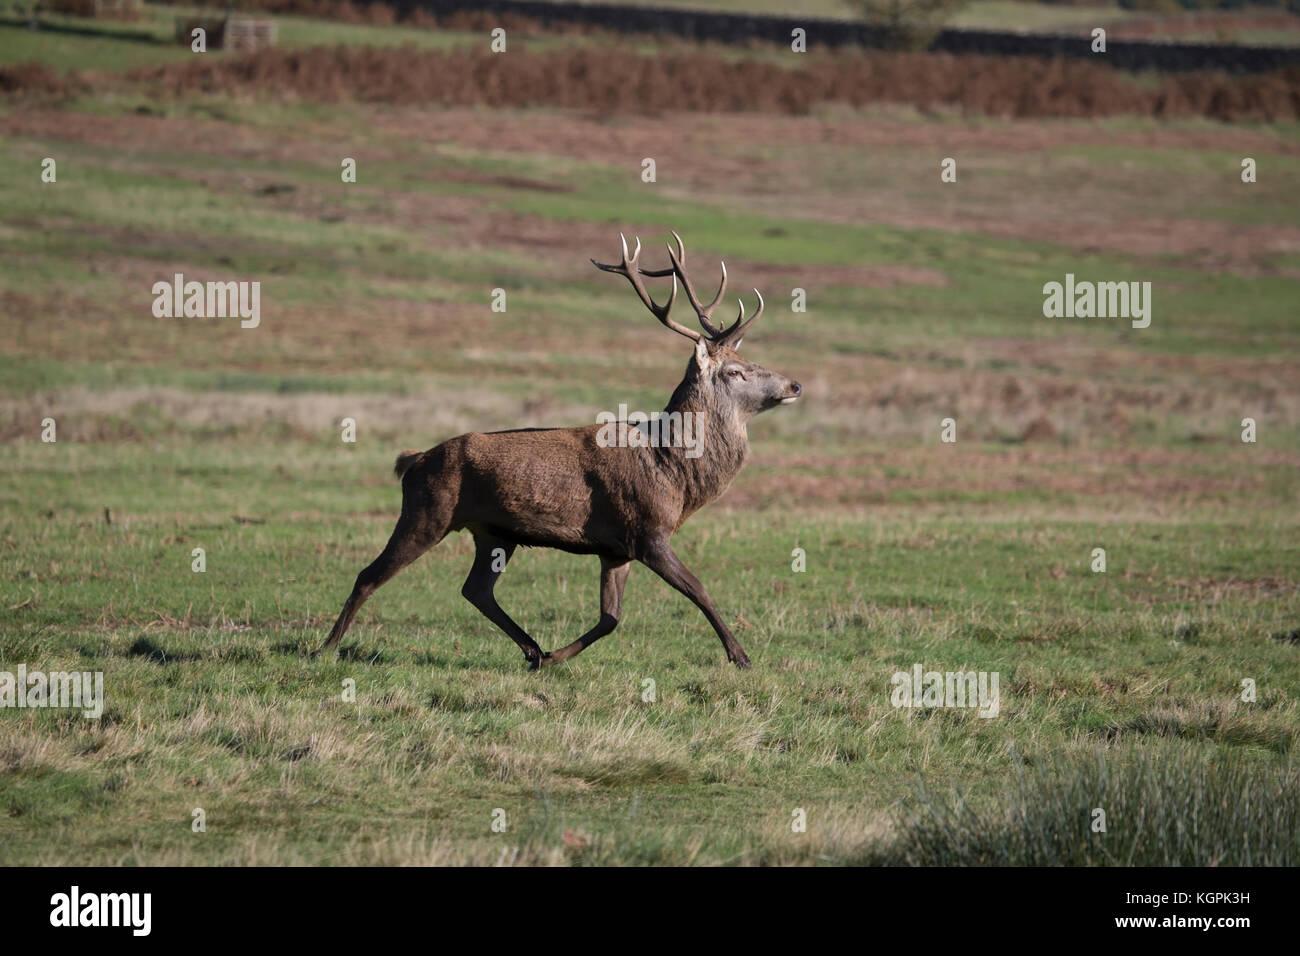 Ciervo con grandes cuernos de ciervo Cervus elaphus trote a través de parkland en finales de otoño Imagen De Stock